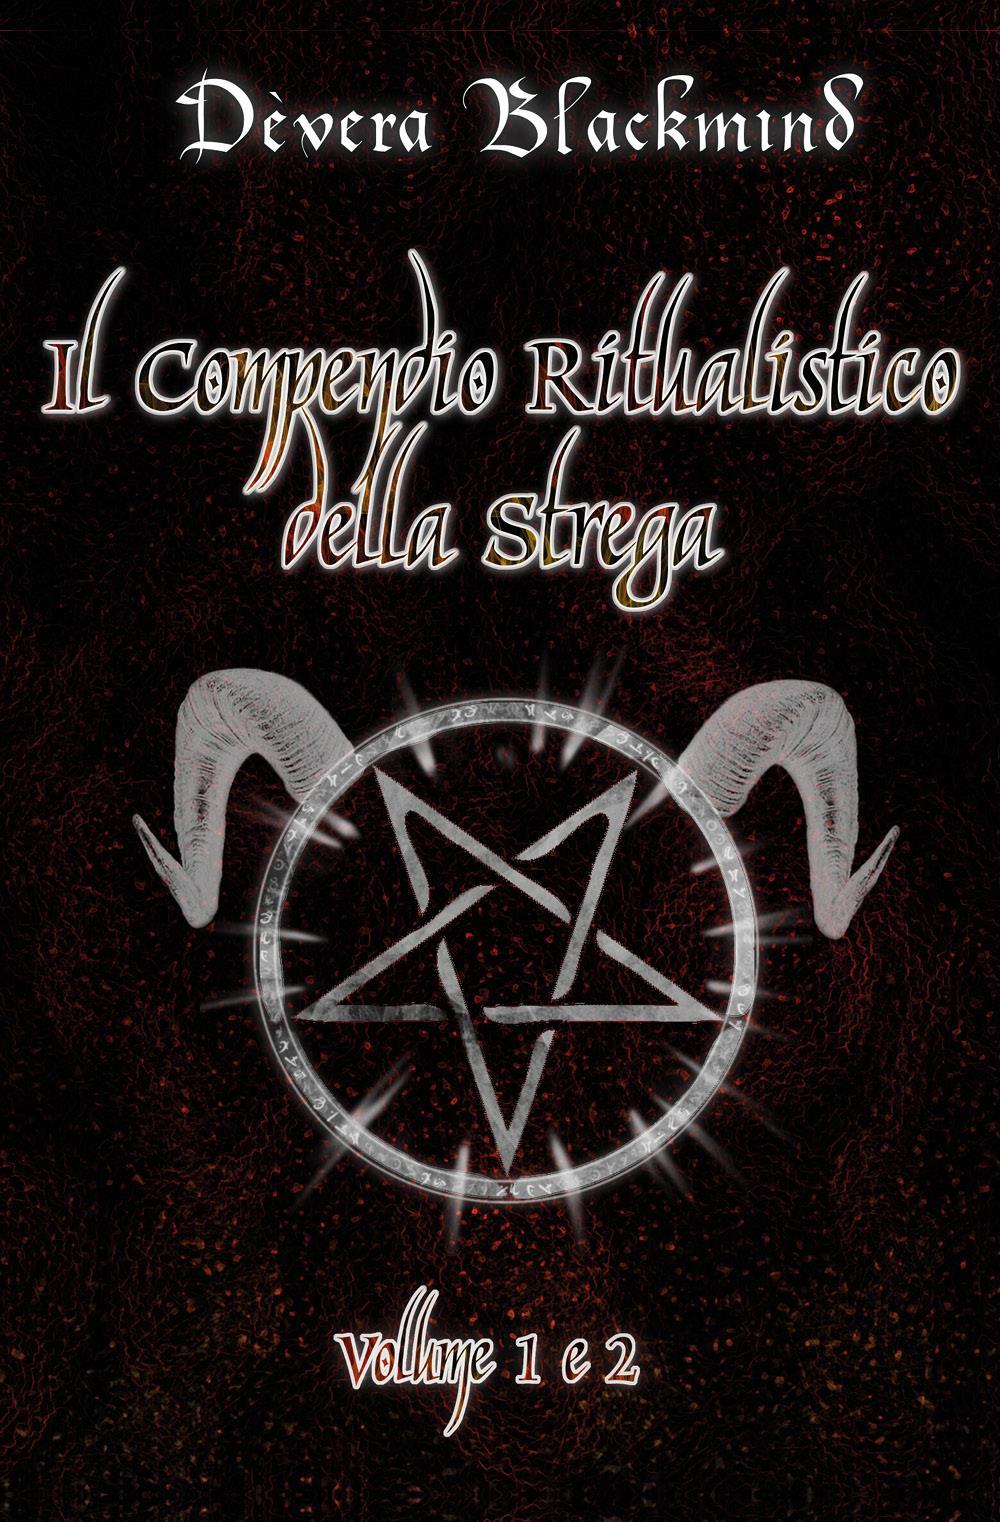 Il Compendio Ritualistico della Strega - Volume 1 e 2